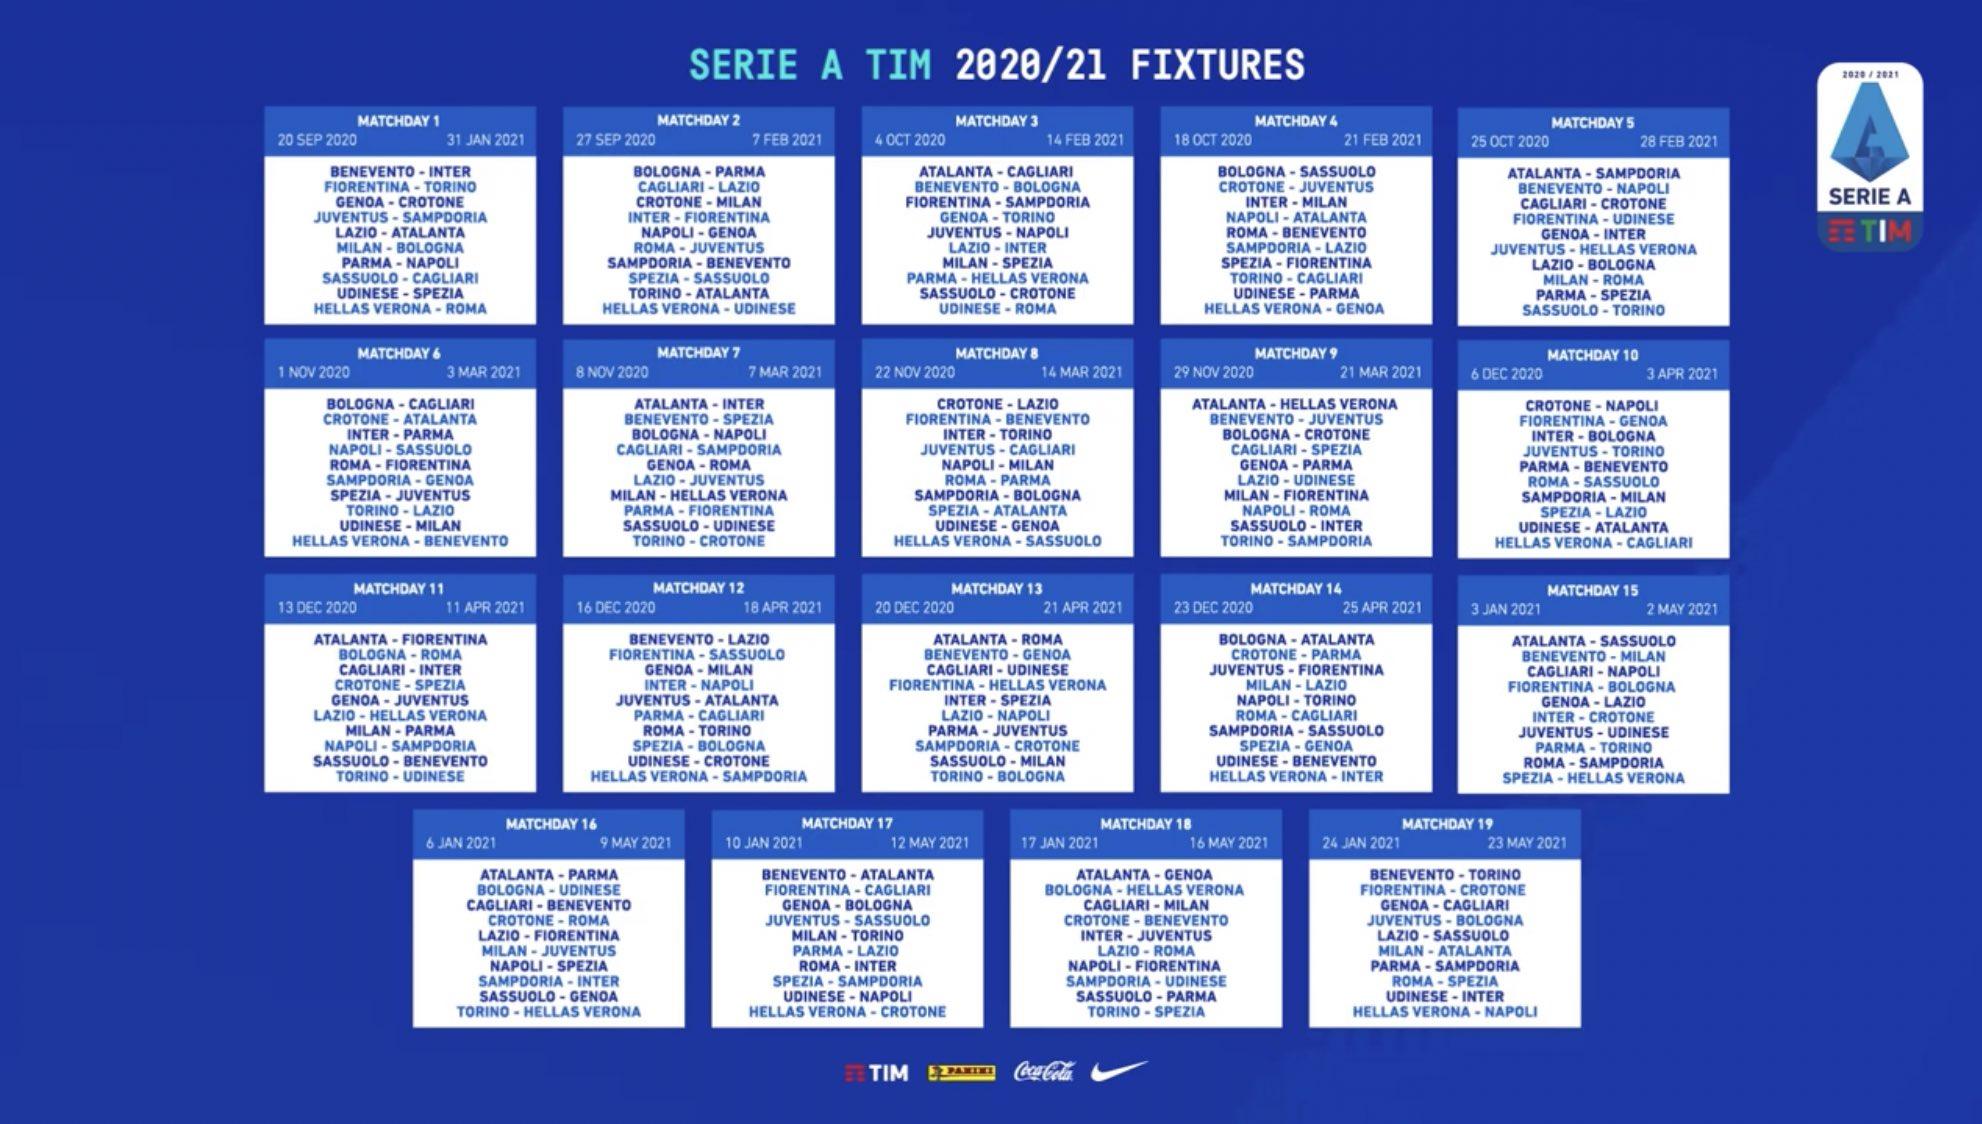 Calendario Serie A: Verona Roma alla prima di campionato, poi